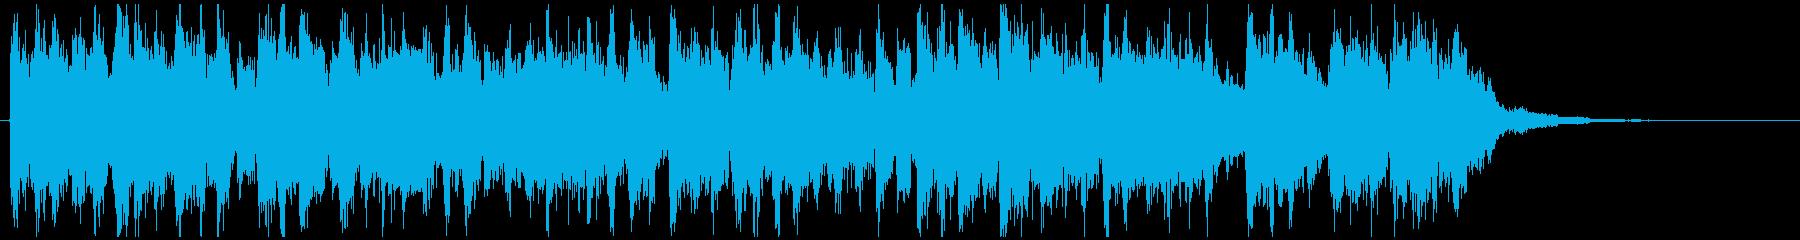 ジャジードラムンベース◆CM向け15秒曲の再生済みの波形